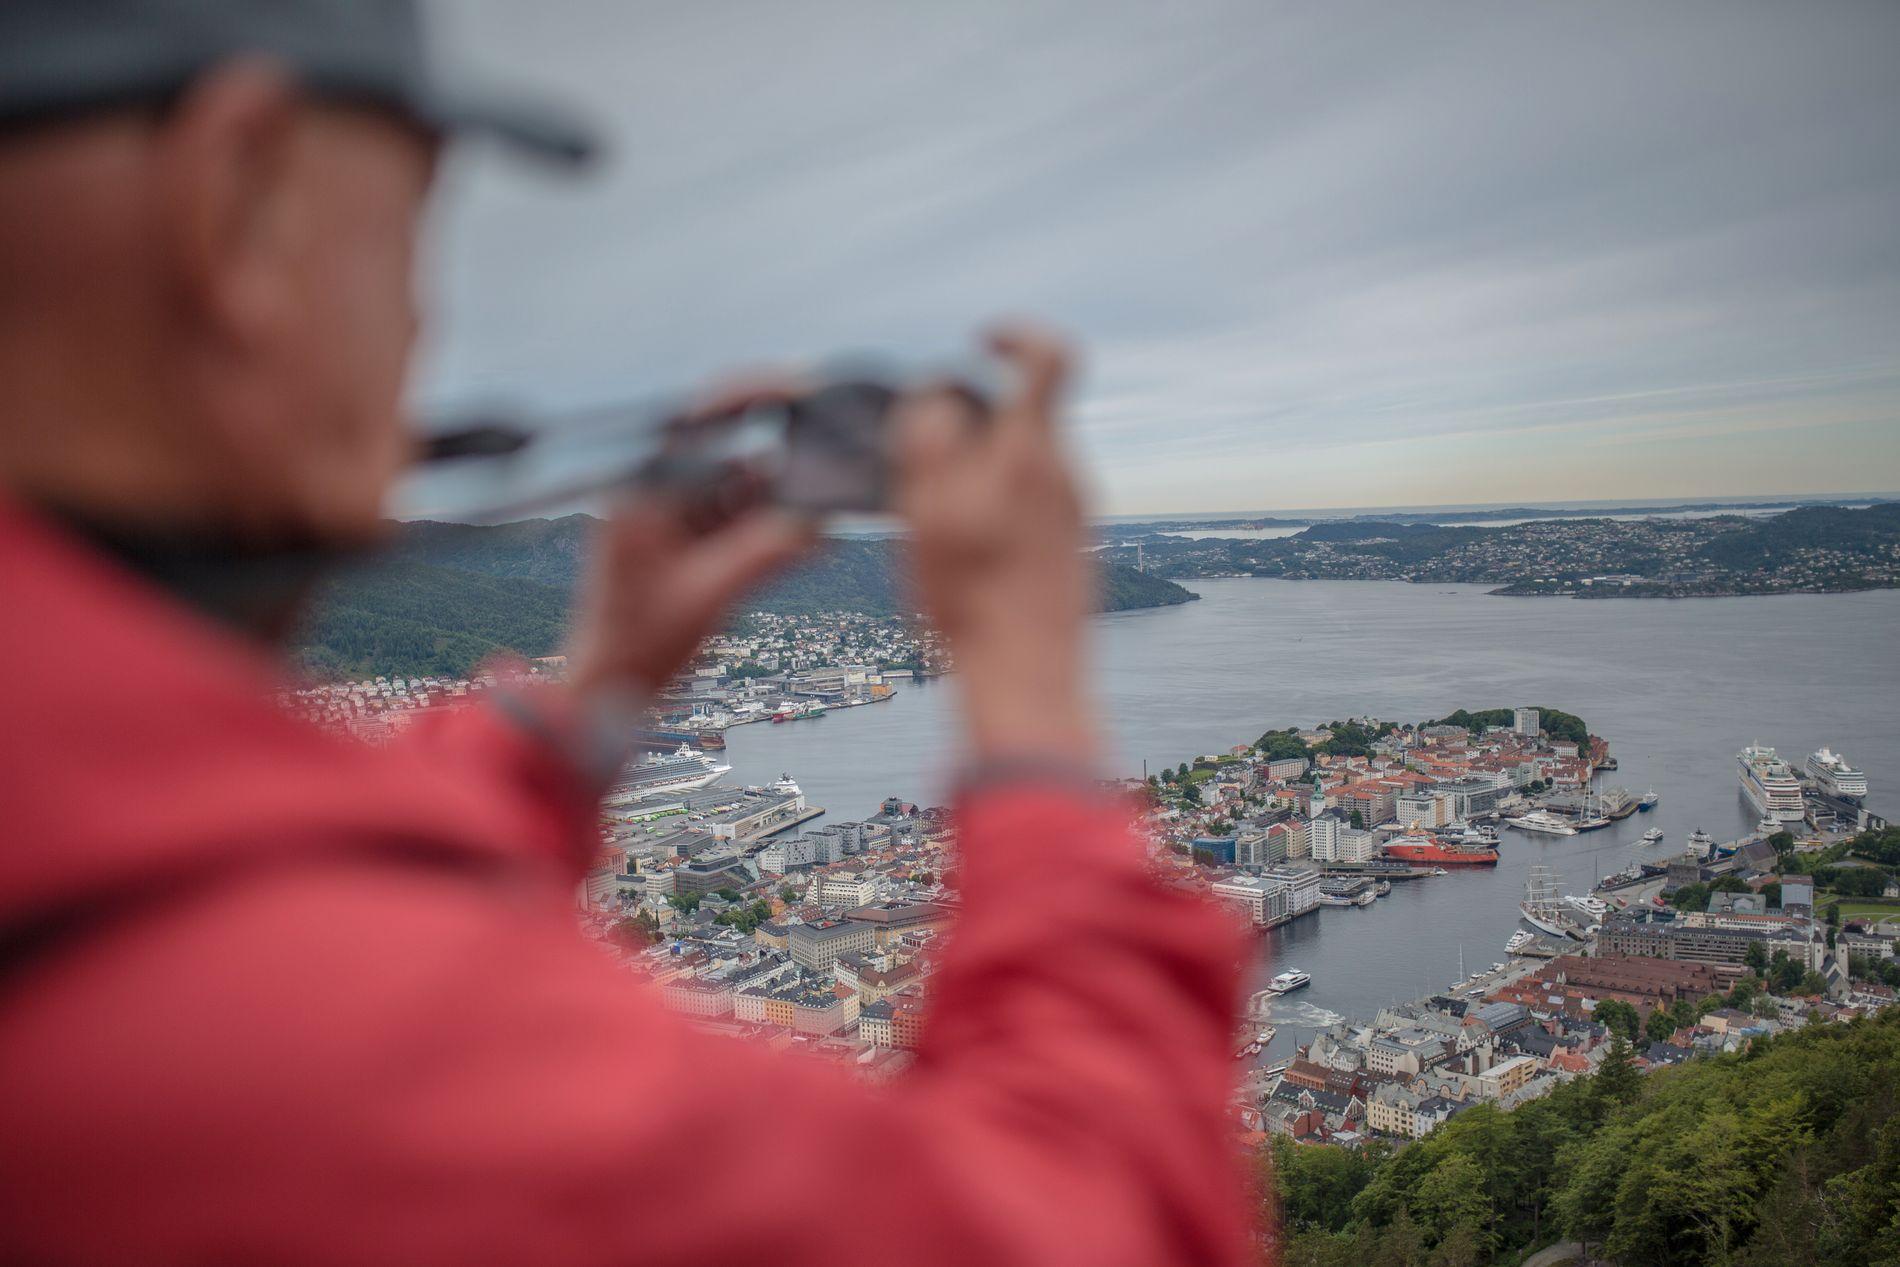 860 KRONER: Statistisk sentralbyrå kartla cruisepassasjerenes direkte forbruk om bord på skipene i 2014. Det er helt korrekt at resultatet viste en omsetning per passasjer på 860 kroner per dagsbesøk, skriver Tor Johan Pedersen.